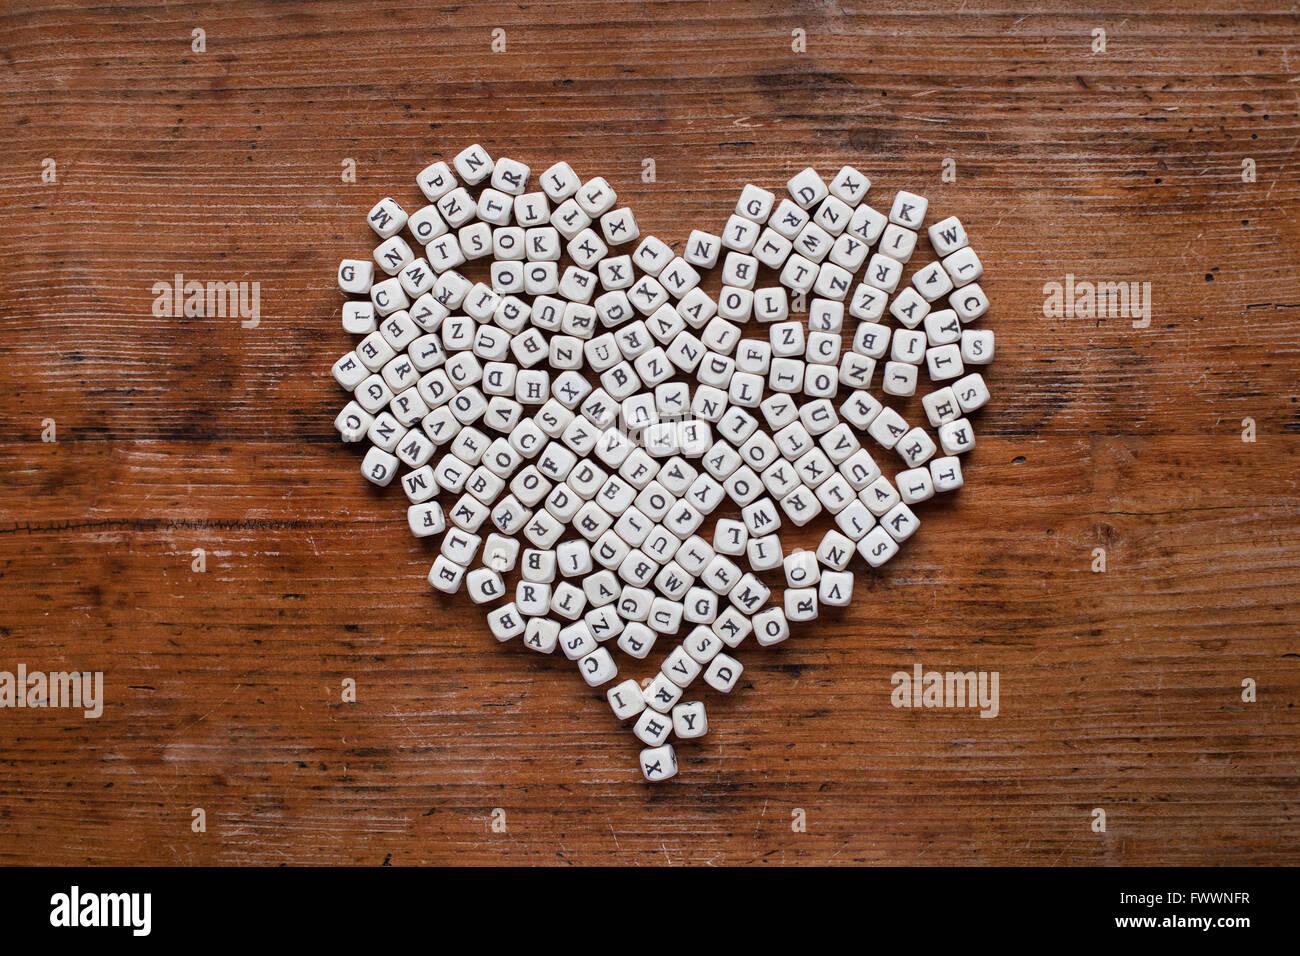 Corazón de letras sobre fondo de madera, el amor, la educación y la alfabetización de aprendizaje Imagen De Stock